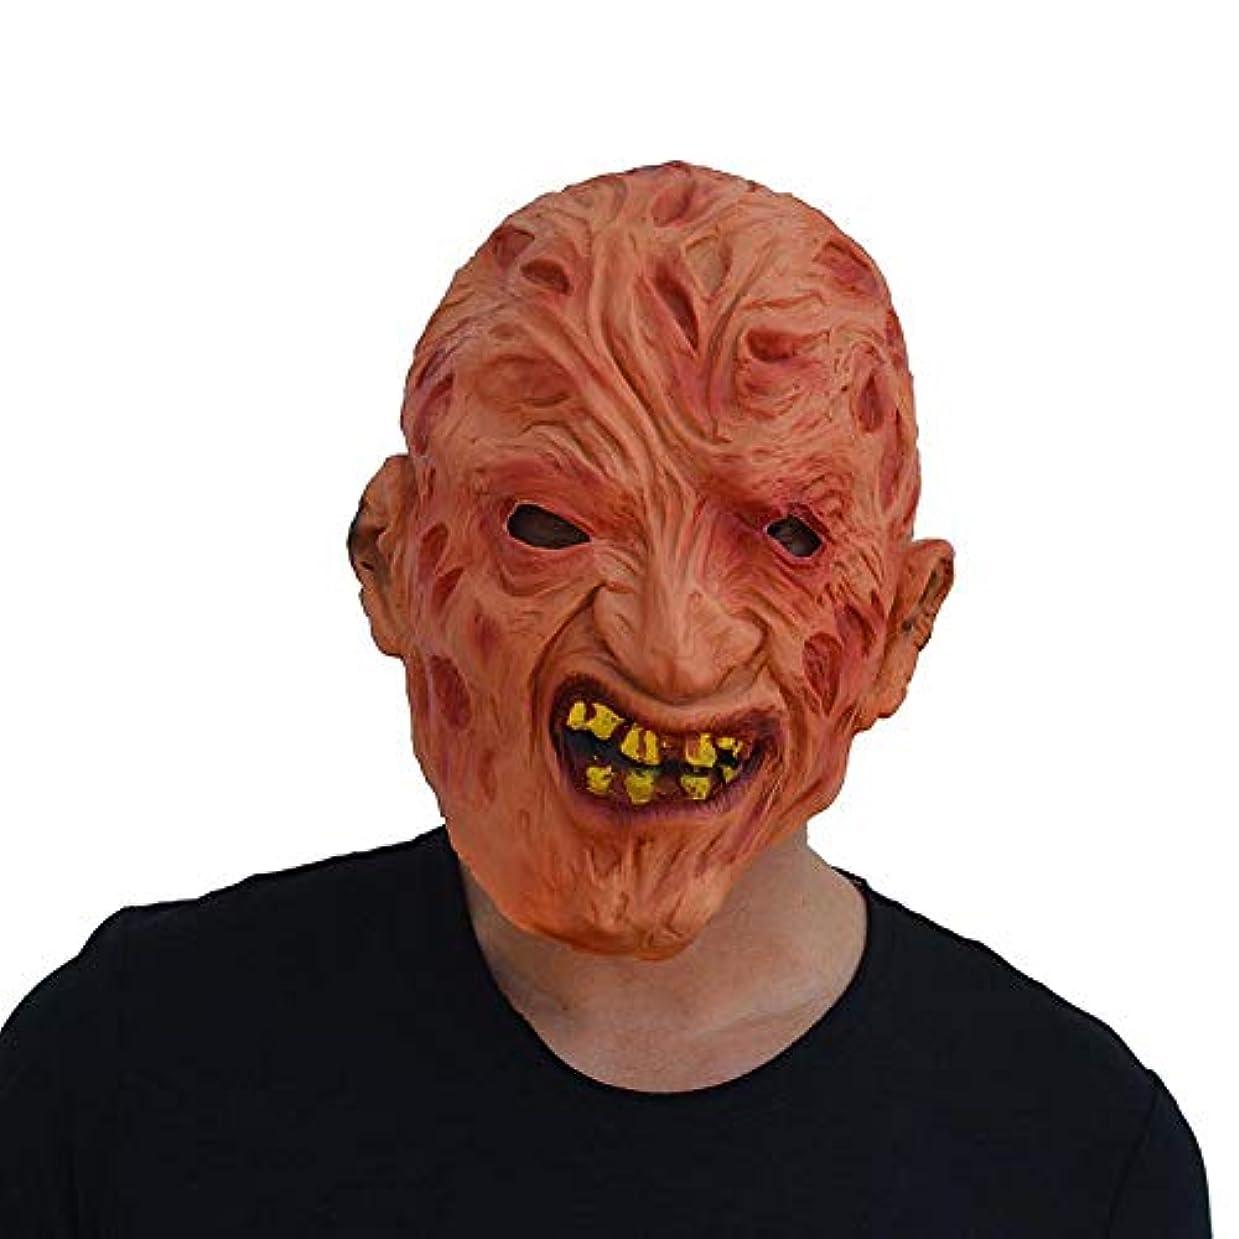 添付傘最悪ハロウィンホラー腐った顔ゾンビマスクゴーストフェスティバルナイトクラブレイブパーティーマスク